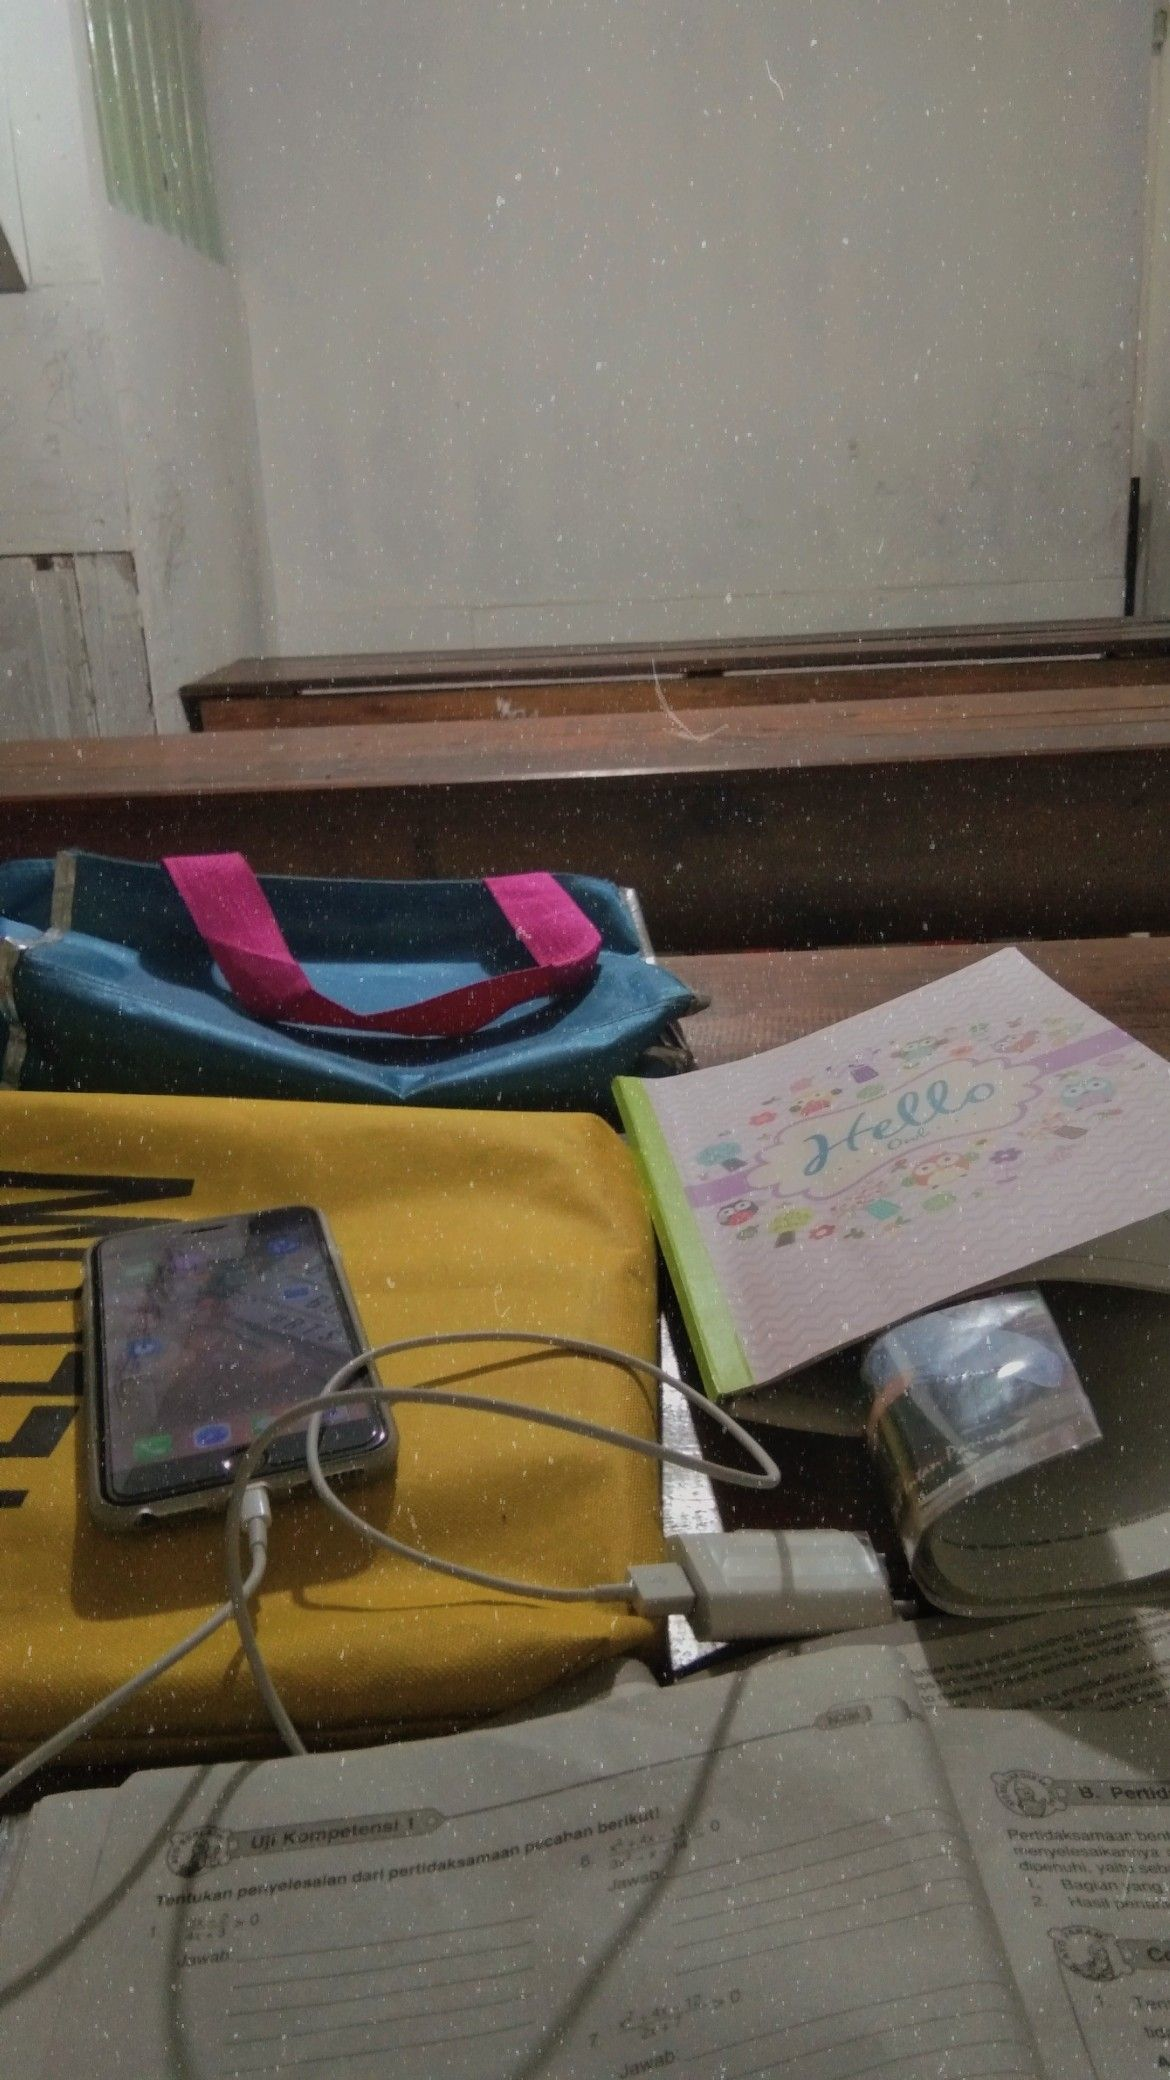 Study Belajar Pap Aesthetic Fotografi Gaya Hidup Belajar Gambar